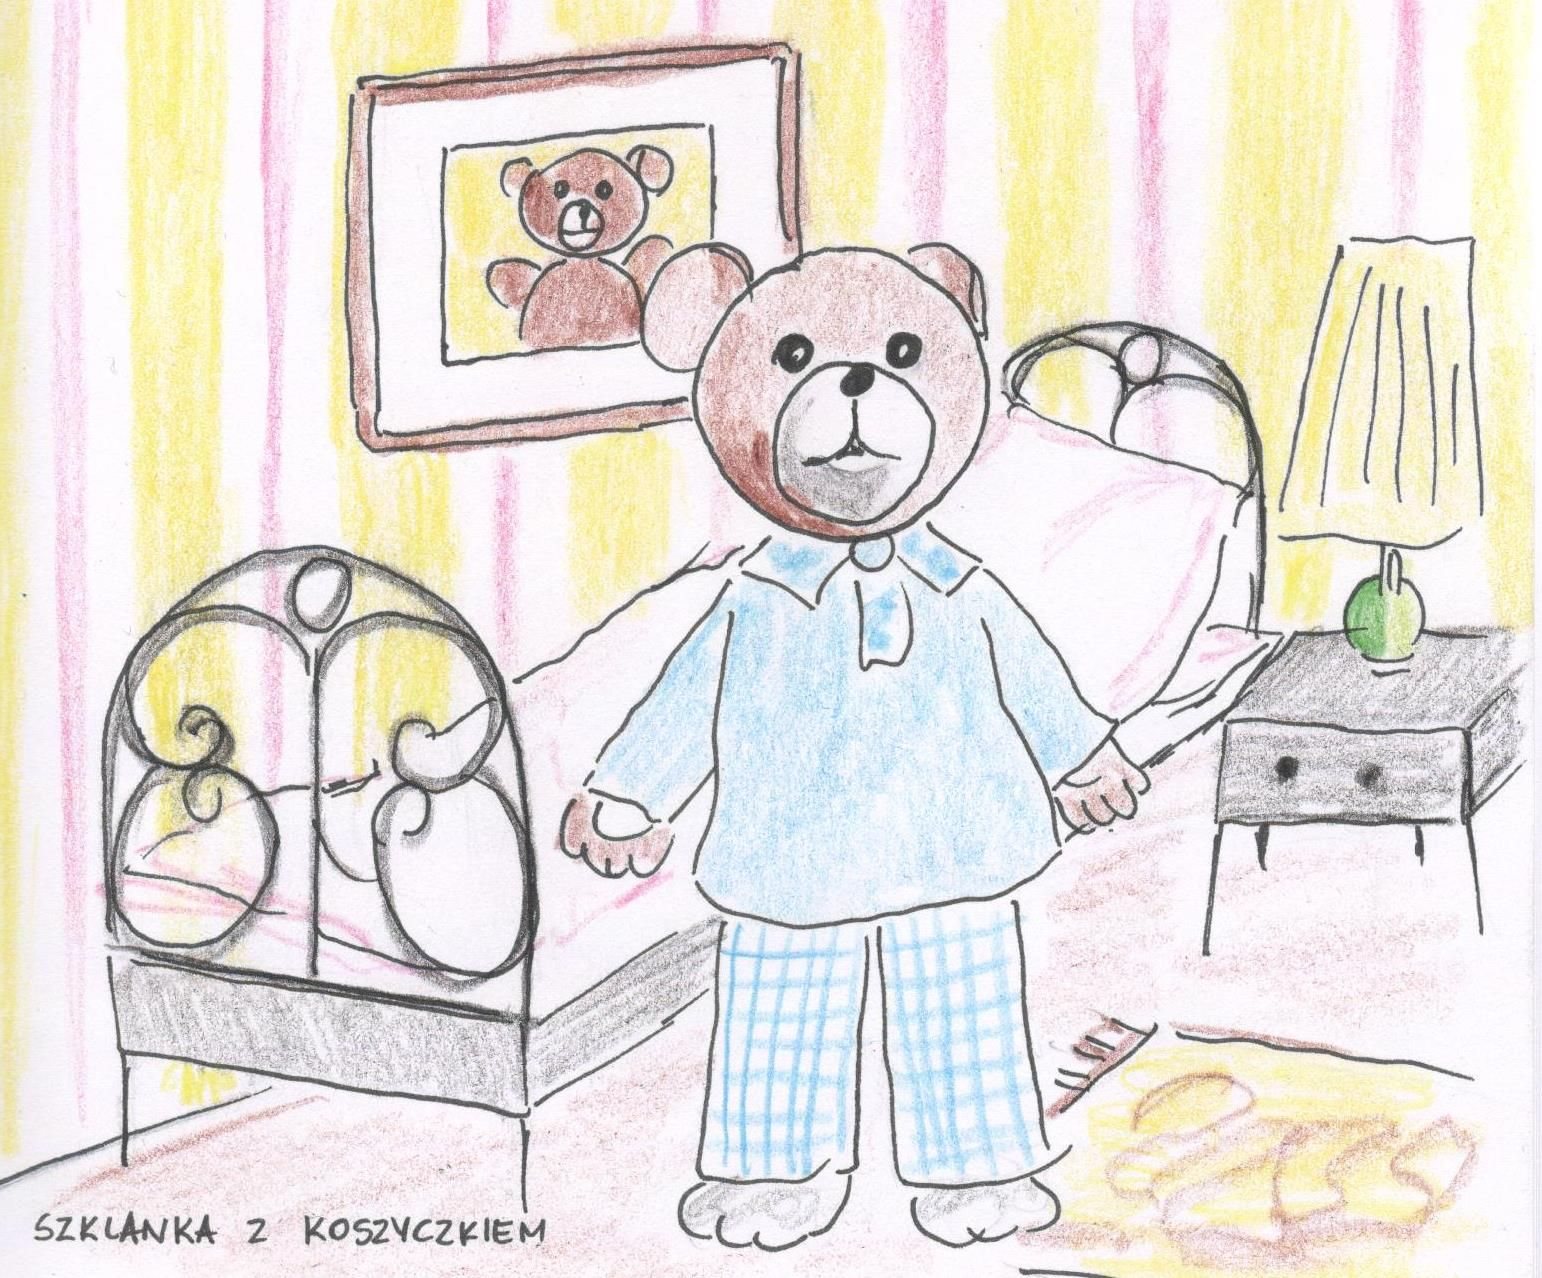 Czym Bylyby Dobranocki W Latach 80 Tych Bez Misia Uszatka Zegnajacego Malych Widzow W Pizamce Pora Na Dobranoc Bo Character Fictional Characters Family Guy